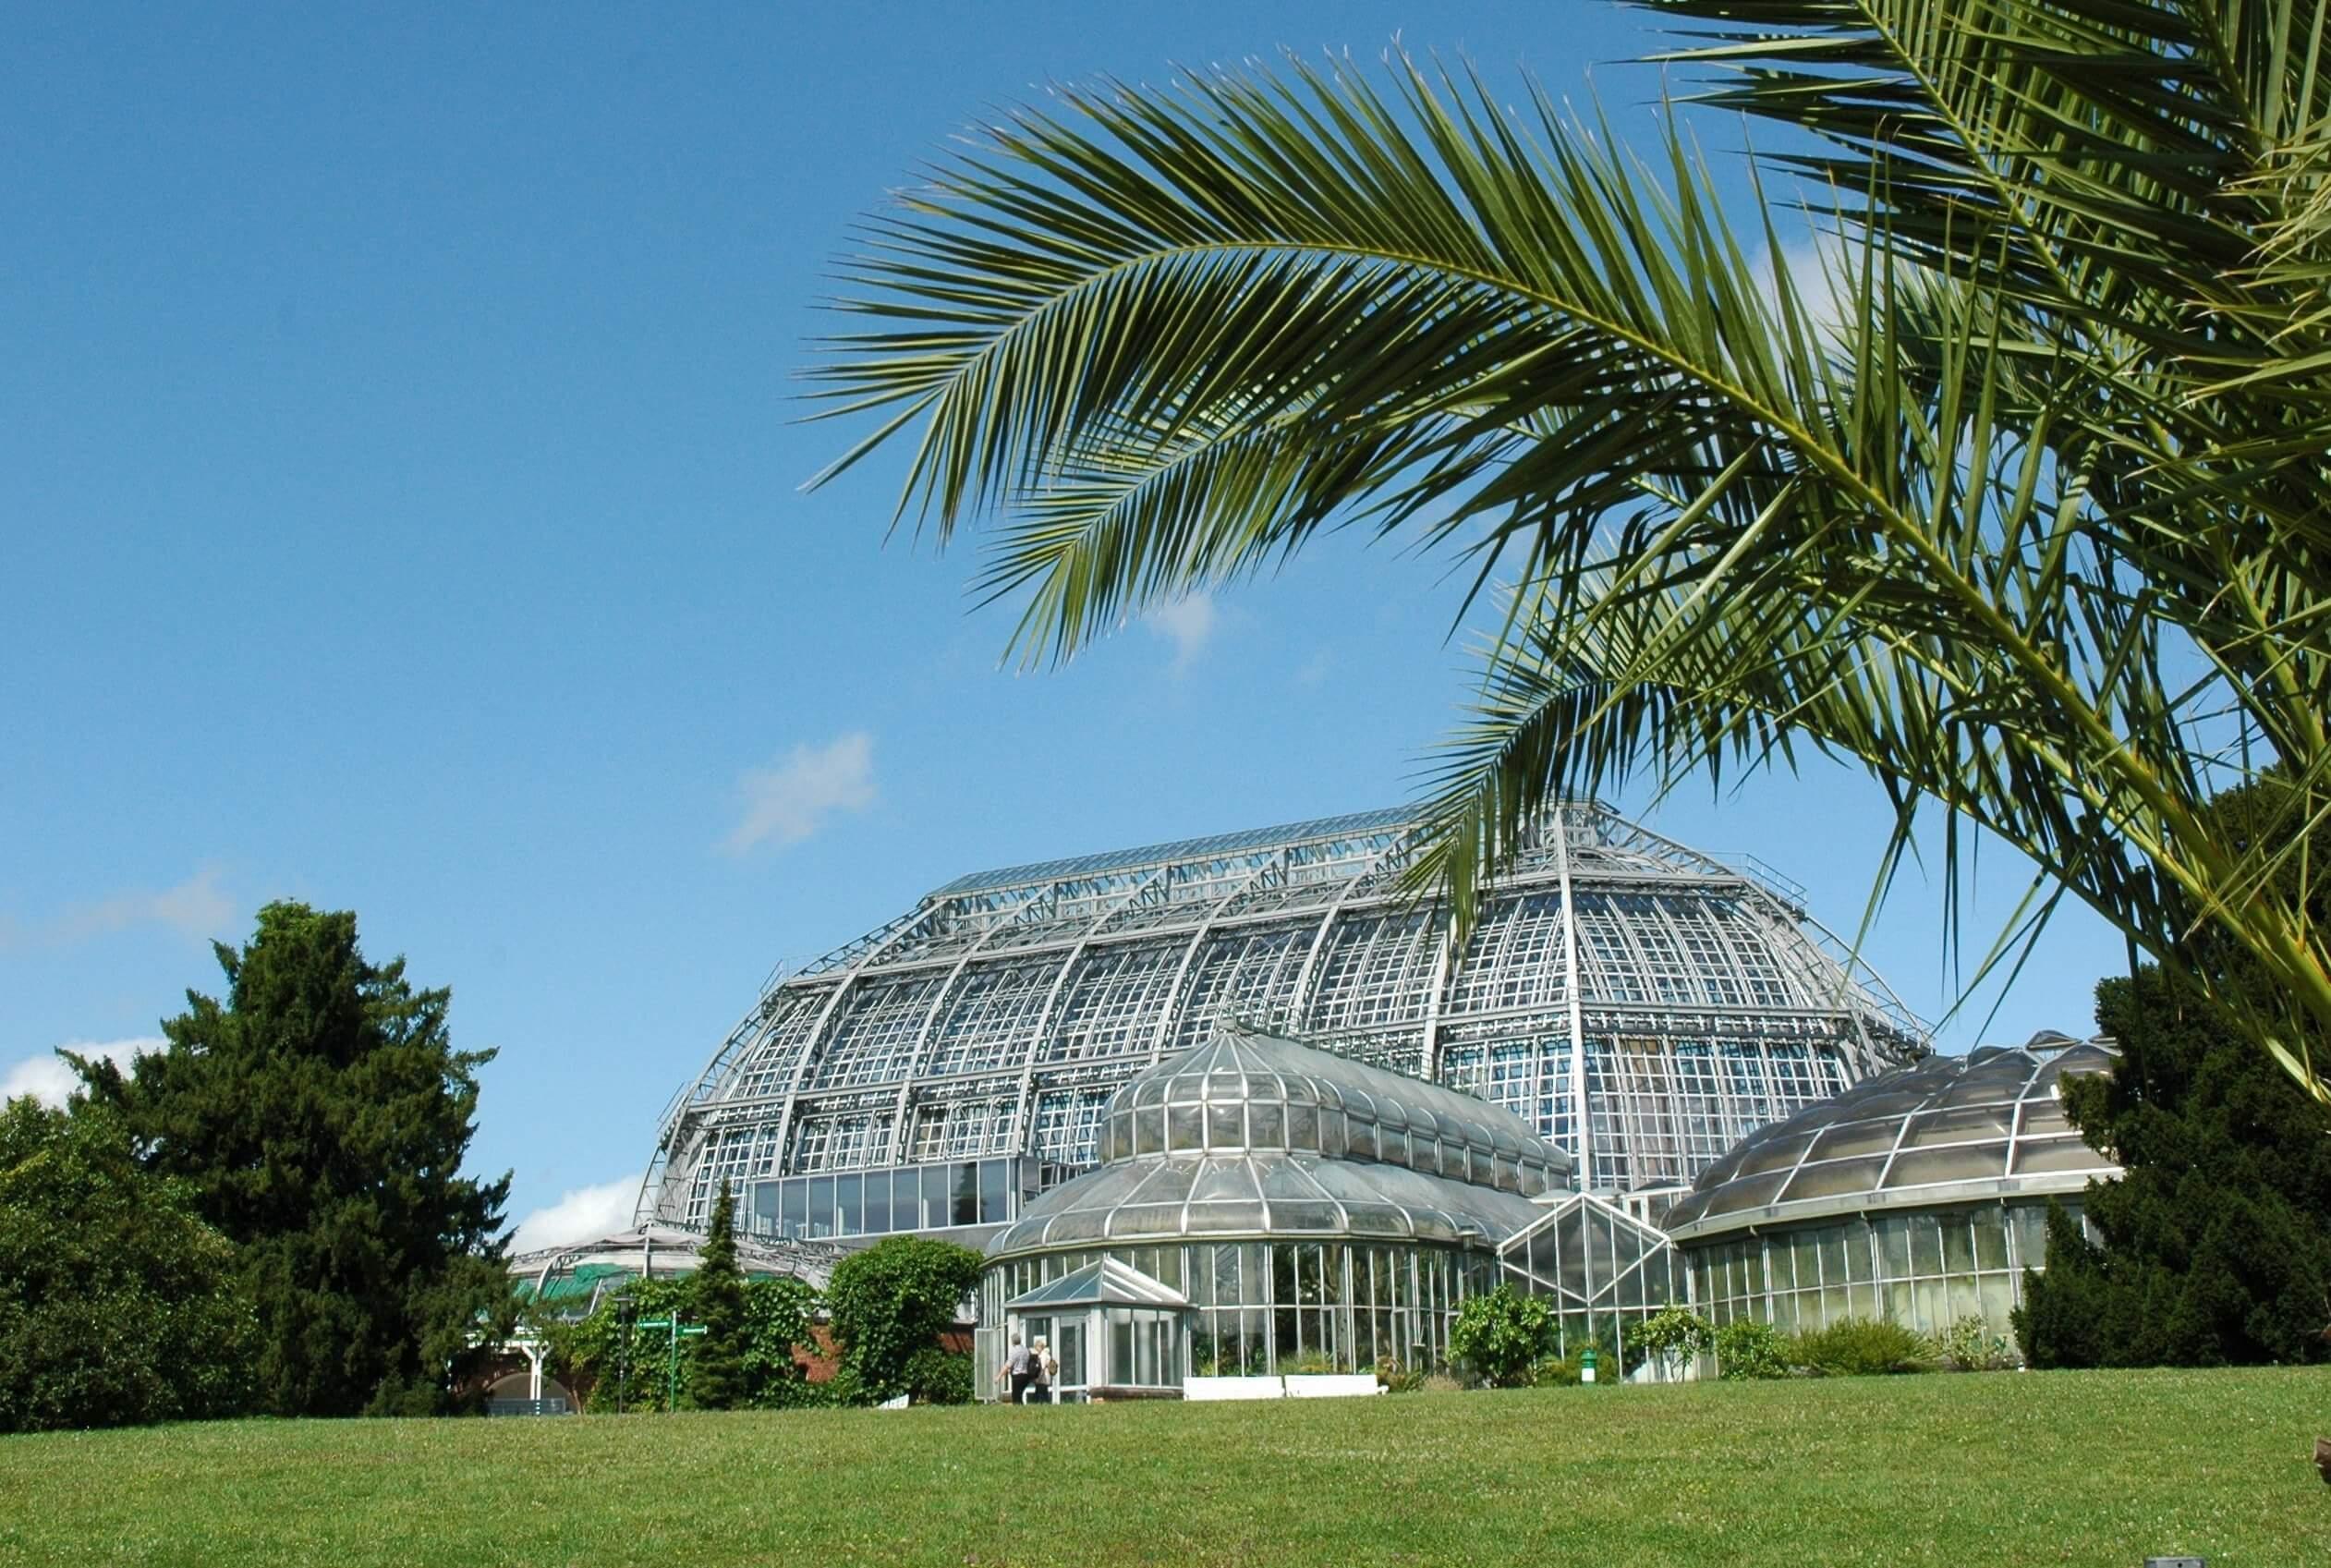 Botanischer Garten - Großes Tropenhaus